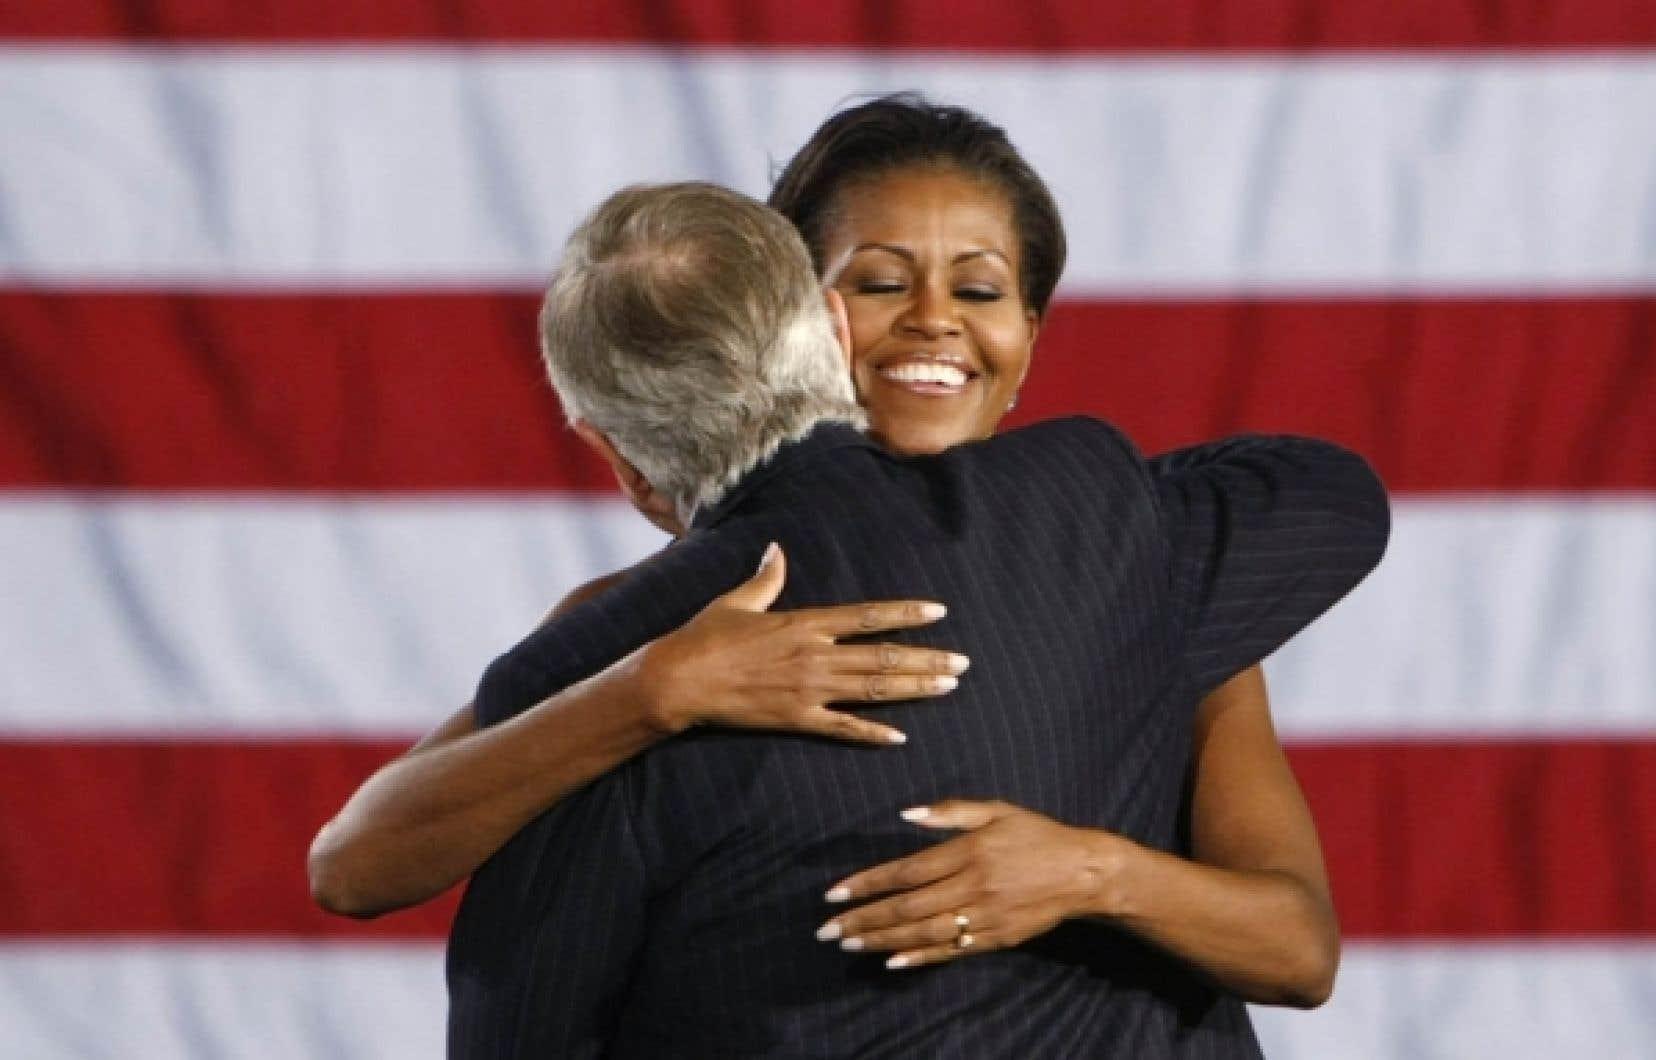 Redoutant de subir une cuisante défaite aux élections de mi-mandat, le Parti démocrate a sorti l'artillerie lourde au cours des dernières semaines: Michelle Obama. Hier, en fin de course, la première dame s'est exprimée lors d'un rassemblement du sénateur sortant du Nevada, Harry Reid.<br />